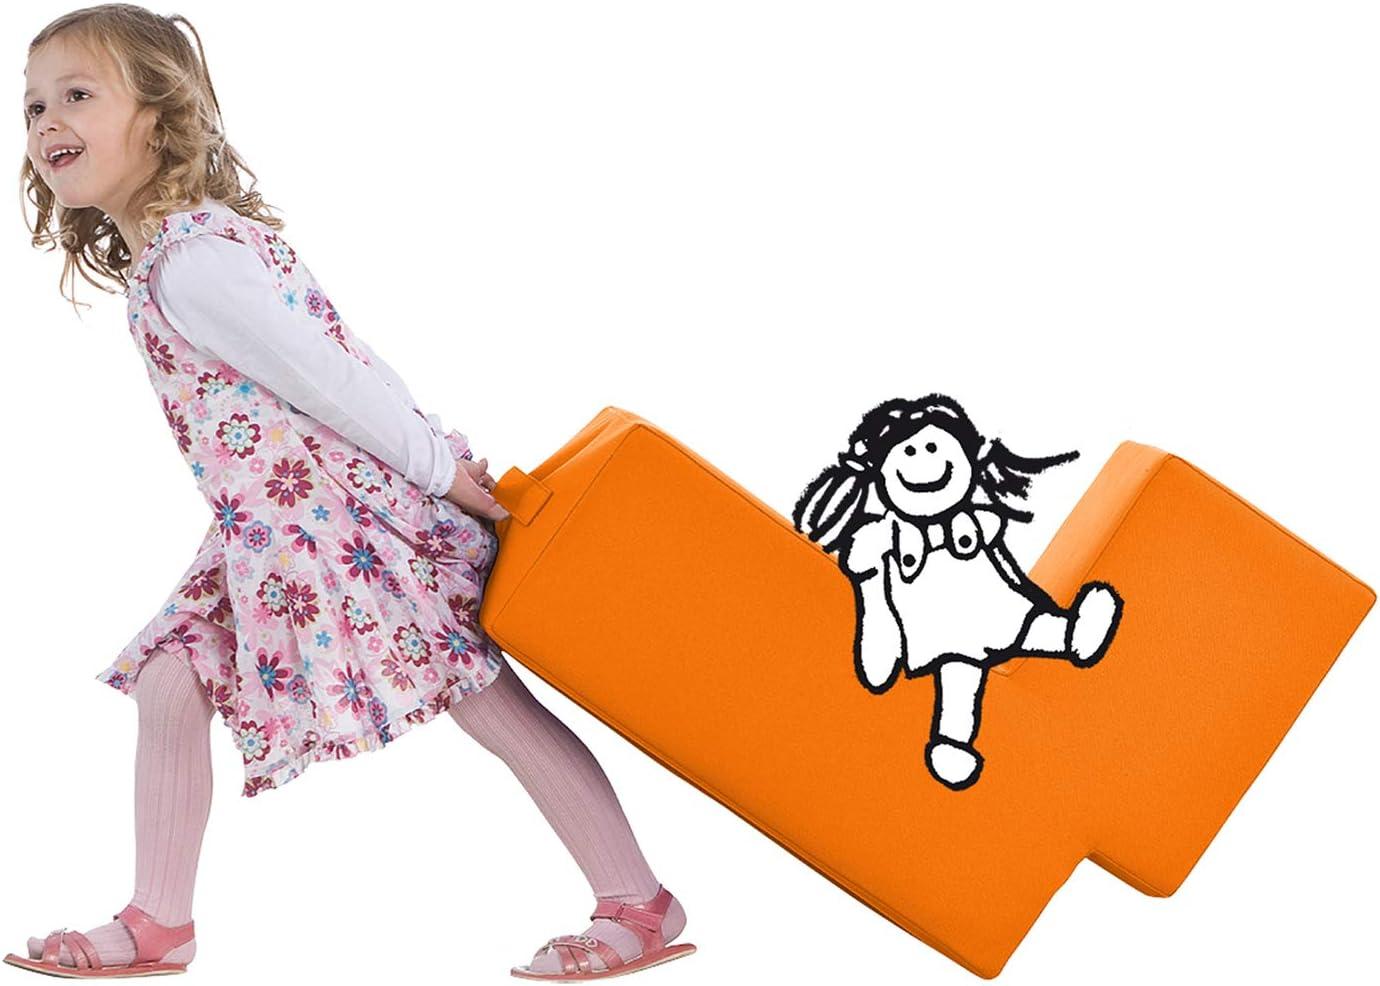 violett L/ümmel Polsterhocker zum Sitzen Loungem/öbel /& Spielm/öbel f/ür Kinder und Erwachsene Spielen und Rumtoben